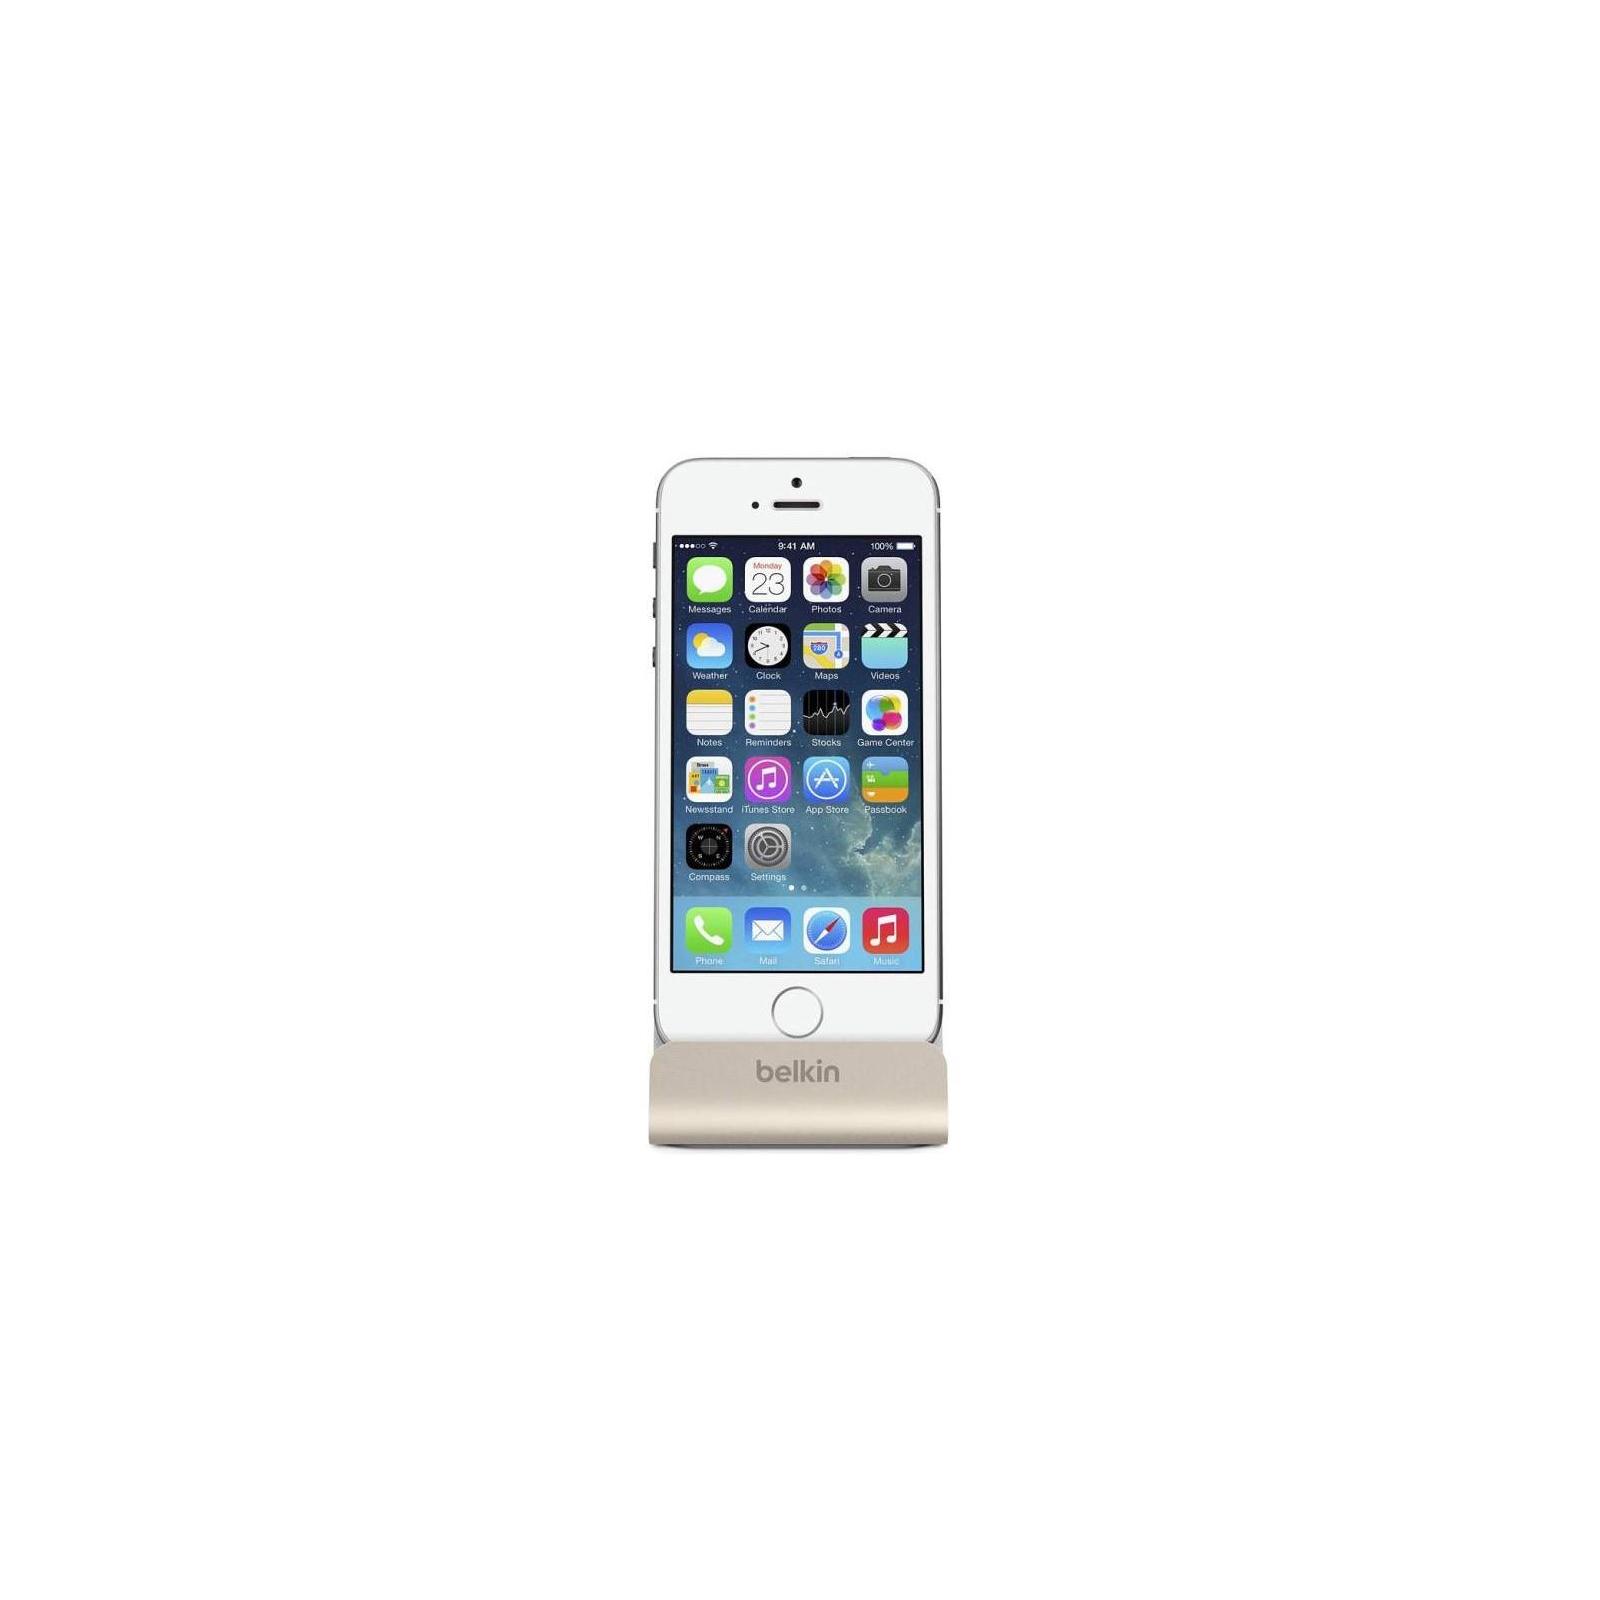 Док-станция Belkin Charge+Sync MIXIT iPhone 6s/SE Dock, Gold (F8J045btGLD) изображение 3